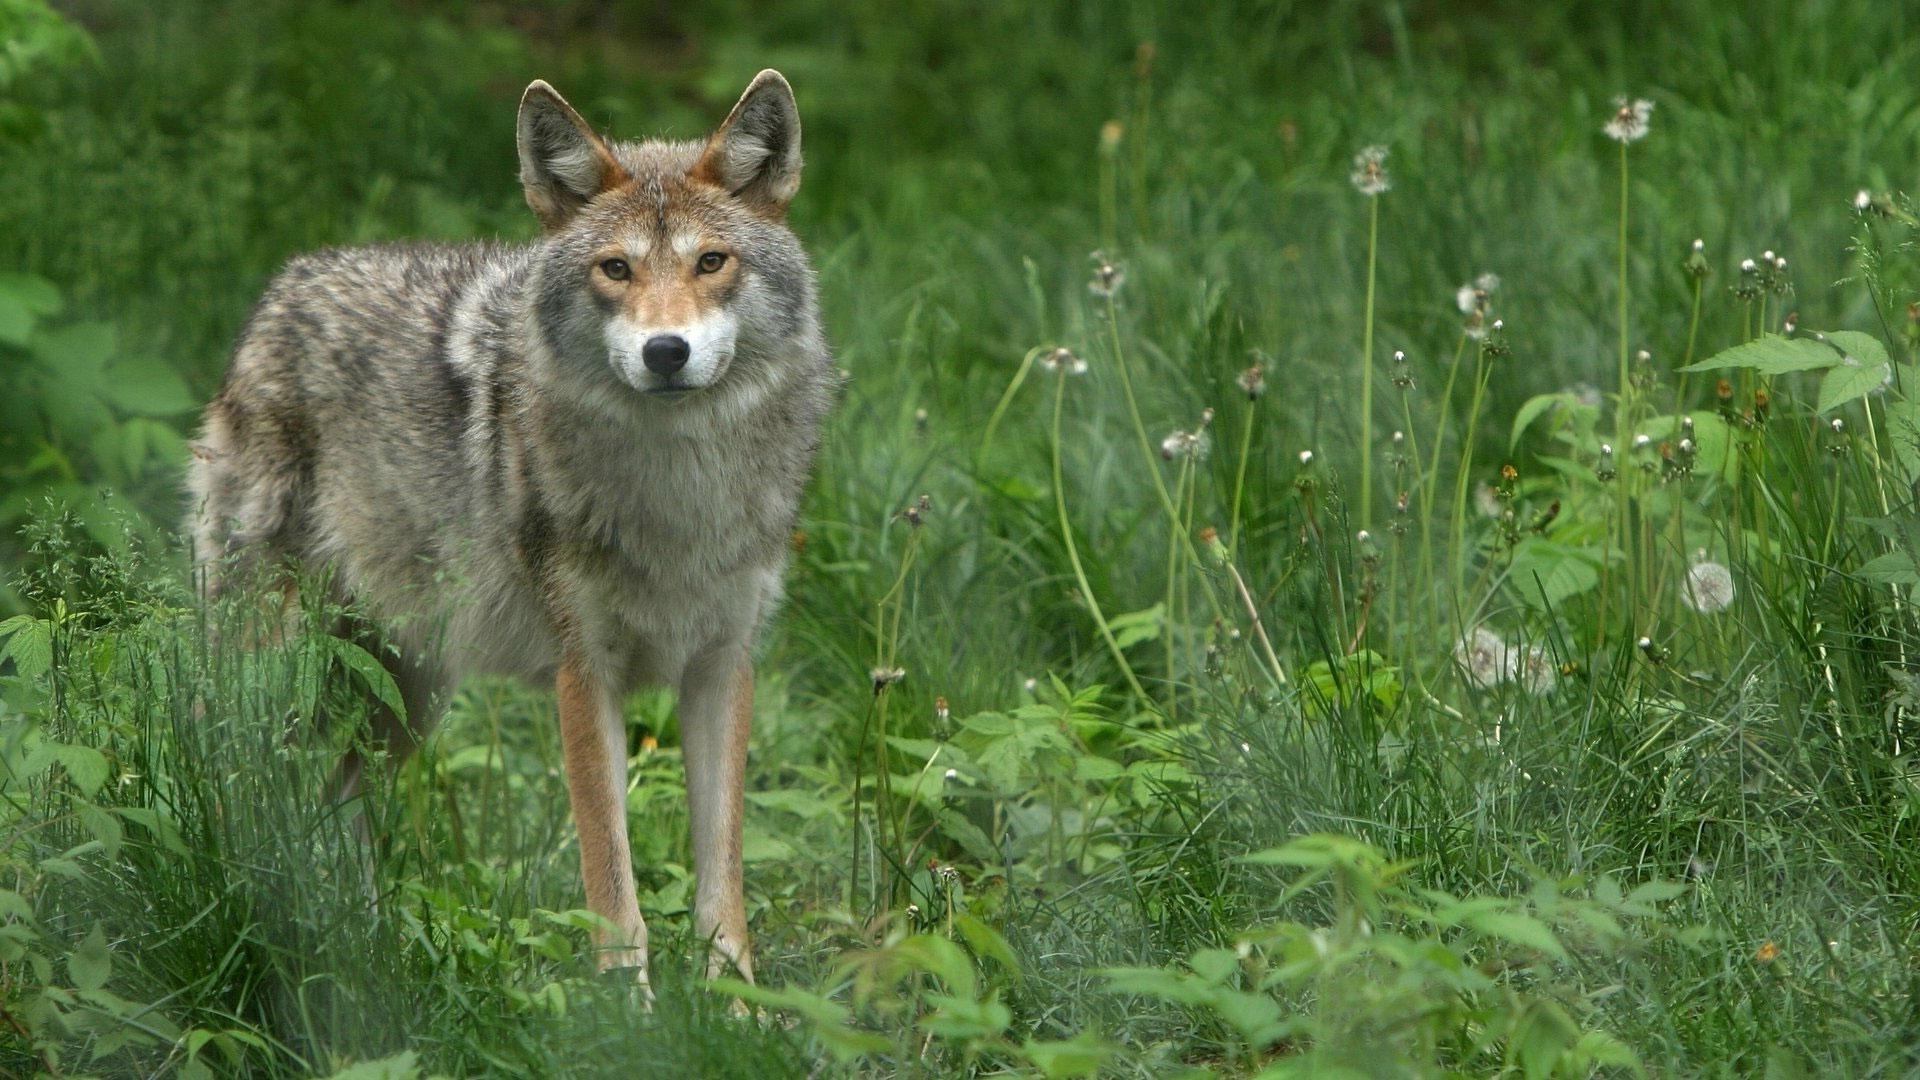 Обои Волк в лесу, картинки - Обои для рабочего стола Волк ...